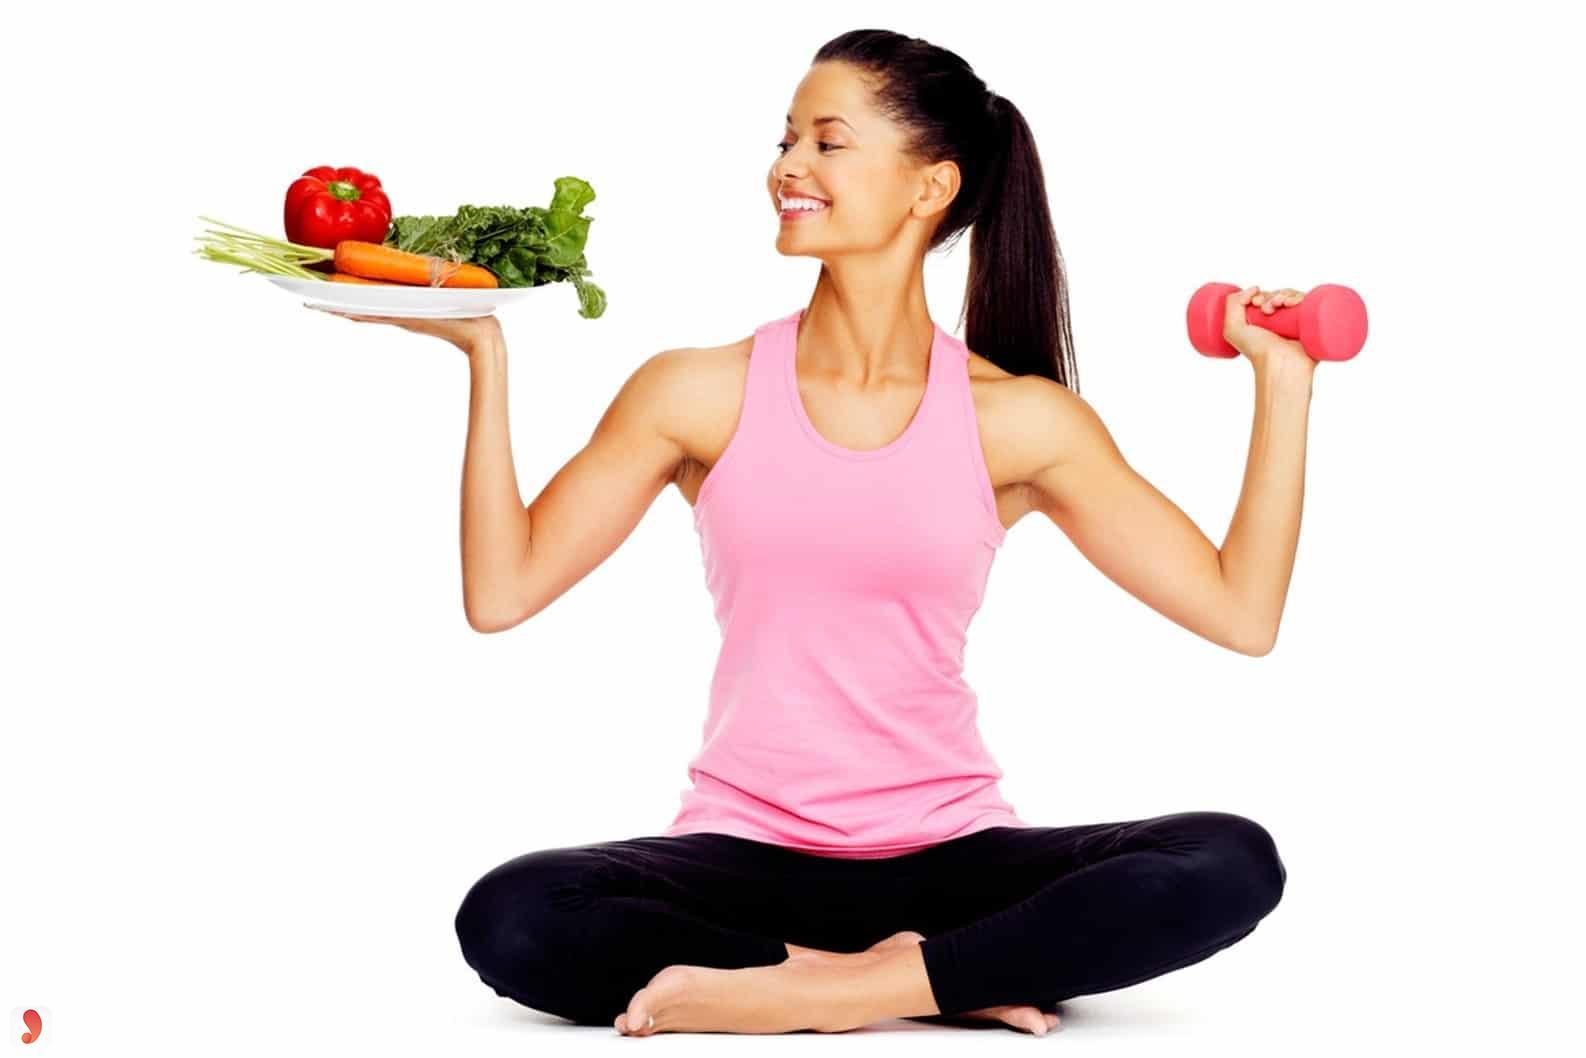 giảm cân có lợi ích gì đối với sức khỏe 2